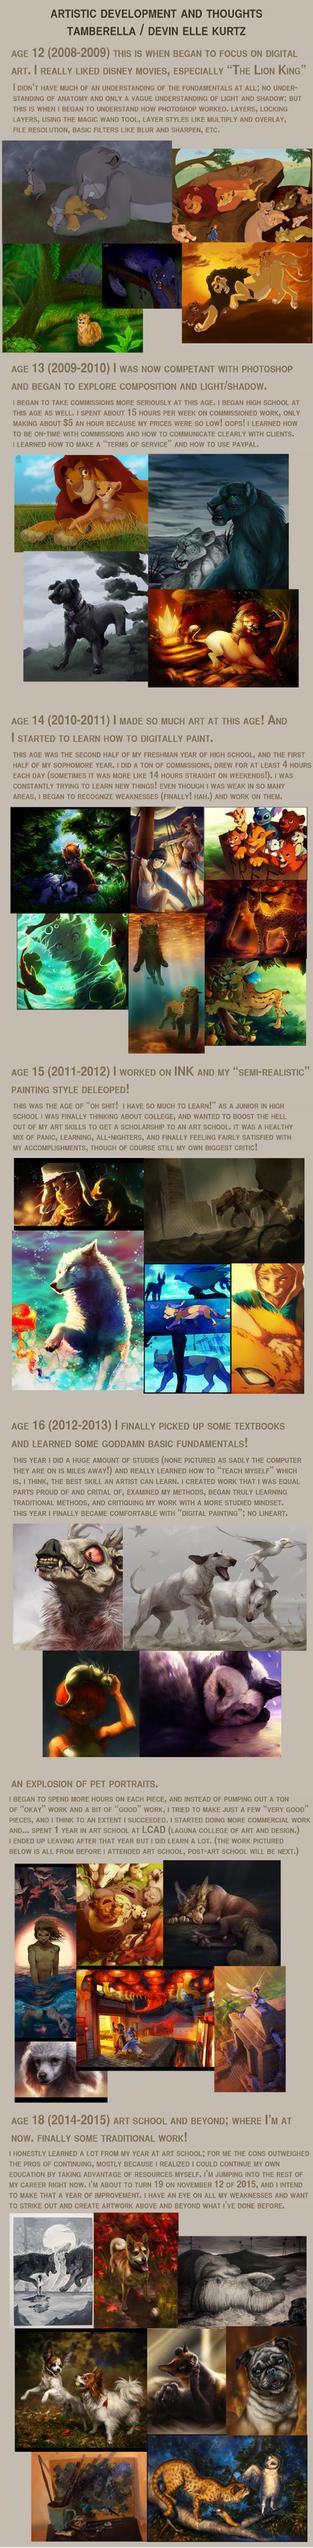 Artistic Development Retrospective by TamberElla